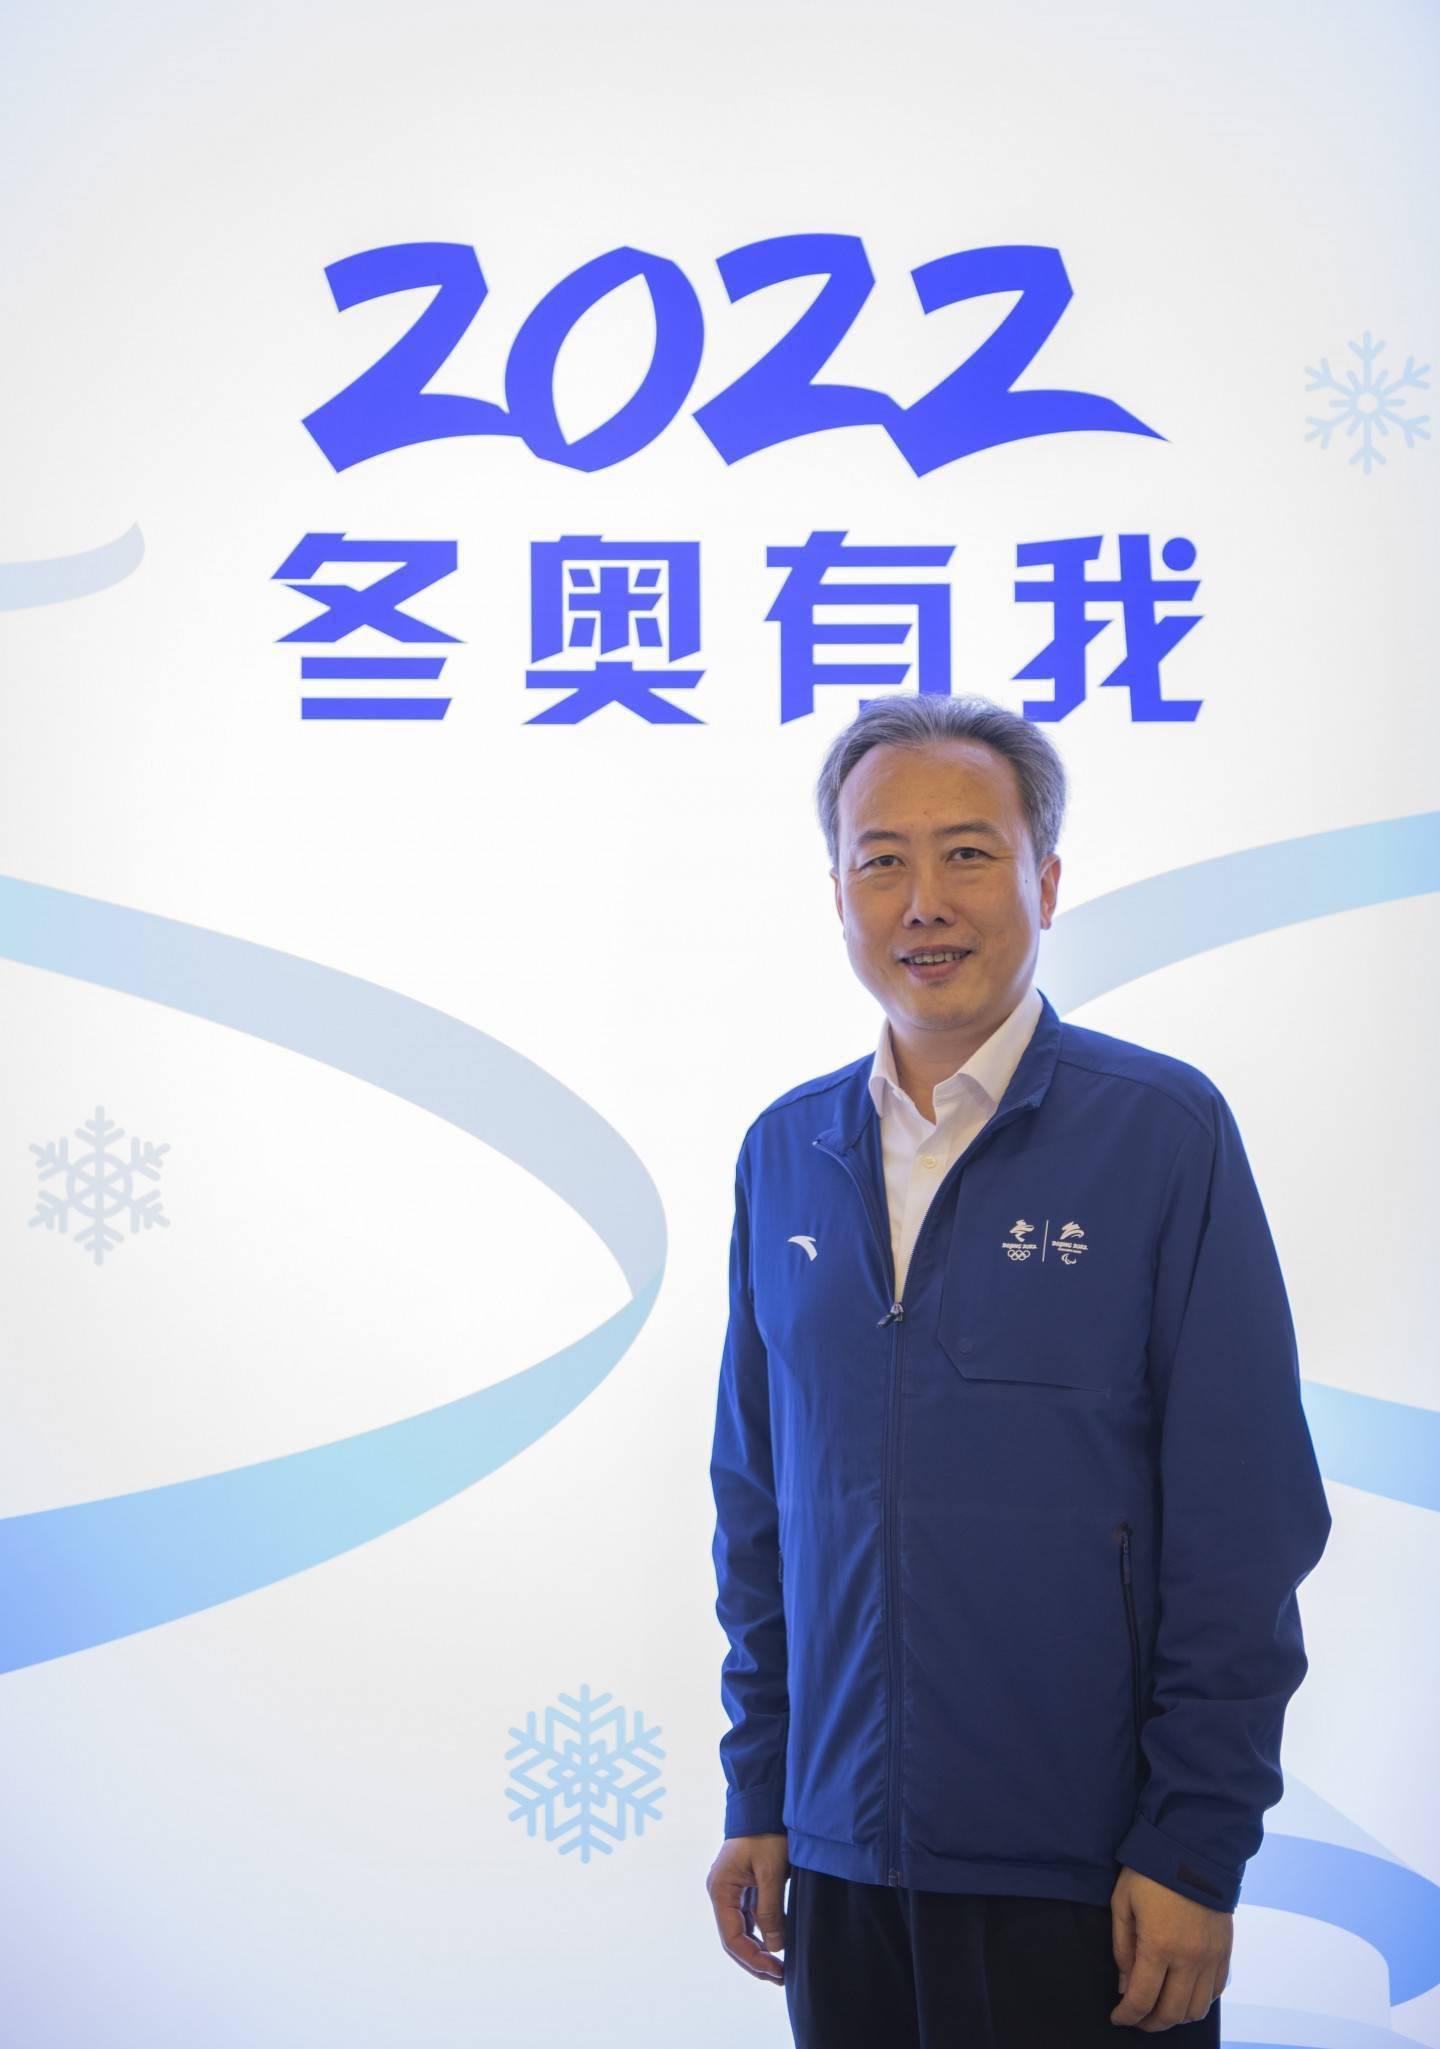 北京冬奥组委朴学东:特许经营承担弘扬奥林匹克精神使命